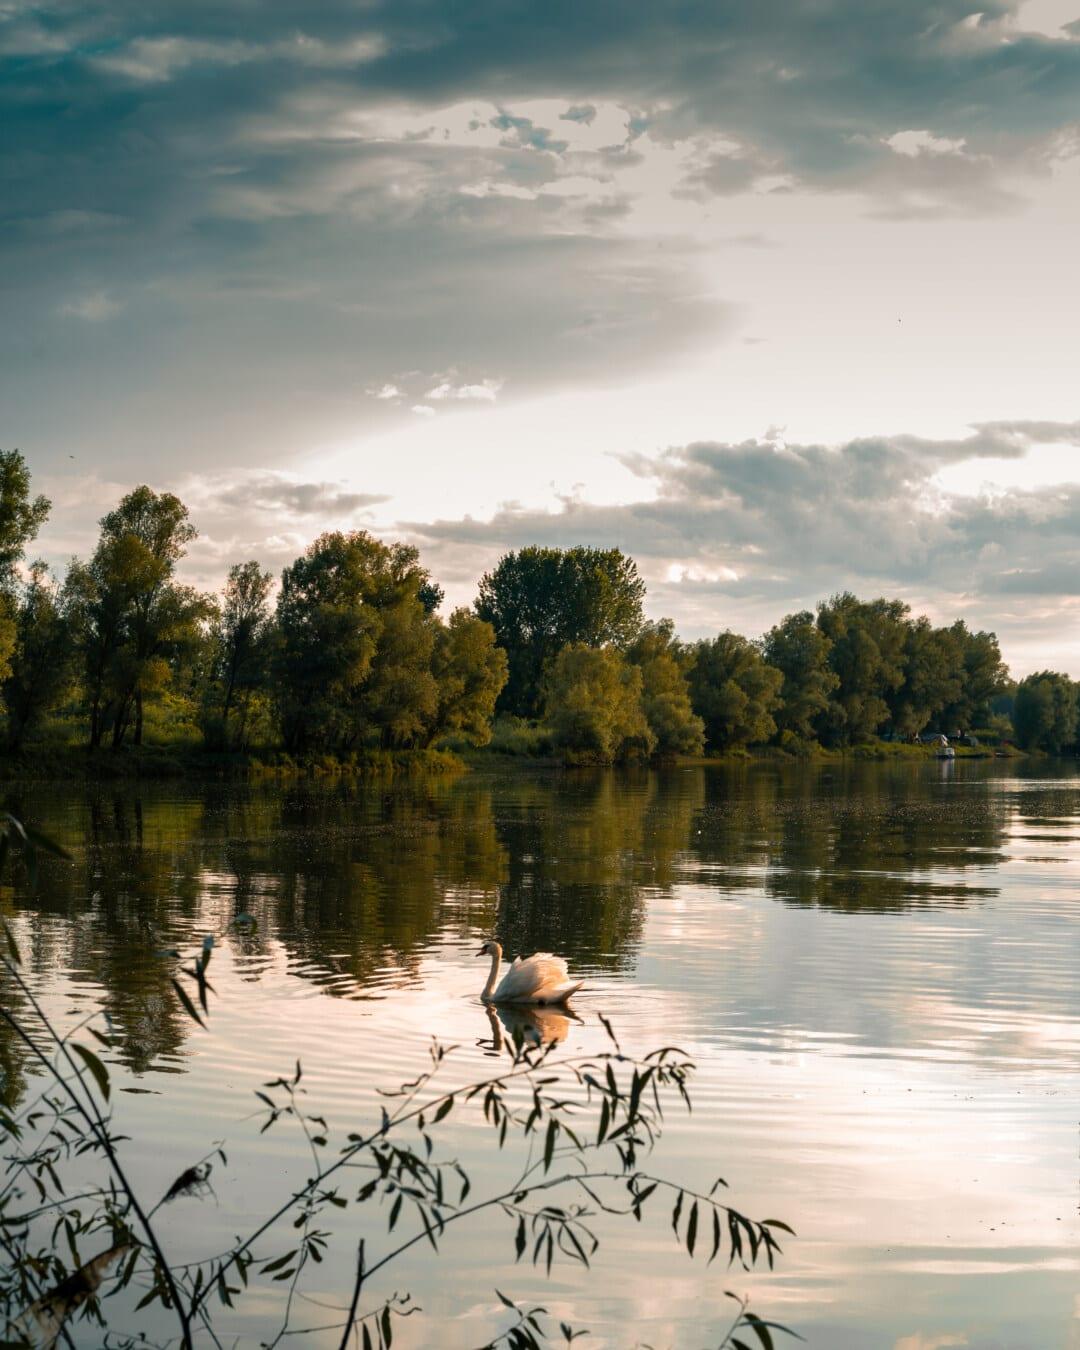 natação, graça, Cisne, majestoso, água, Lago, paisagem, reflexão, beira do lago, pôr do sol